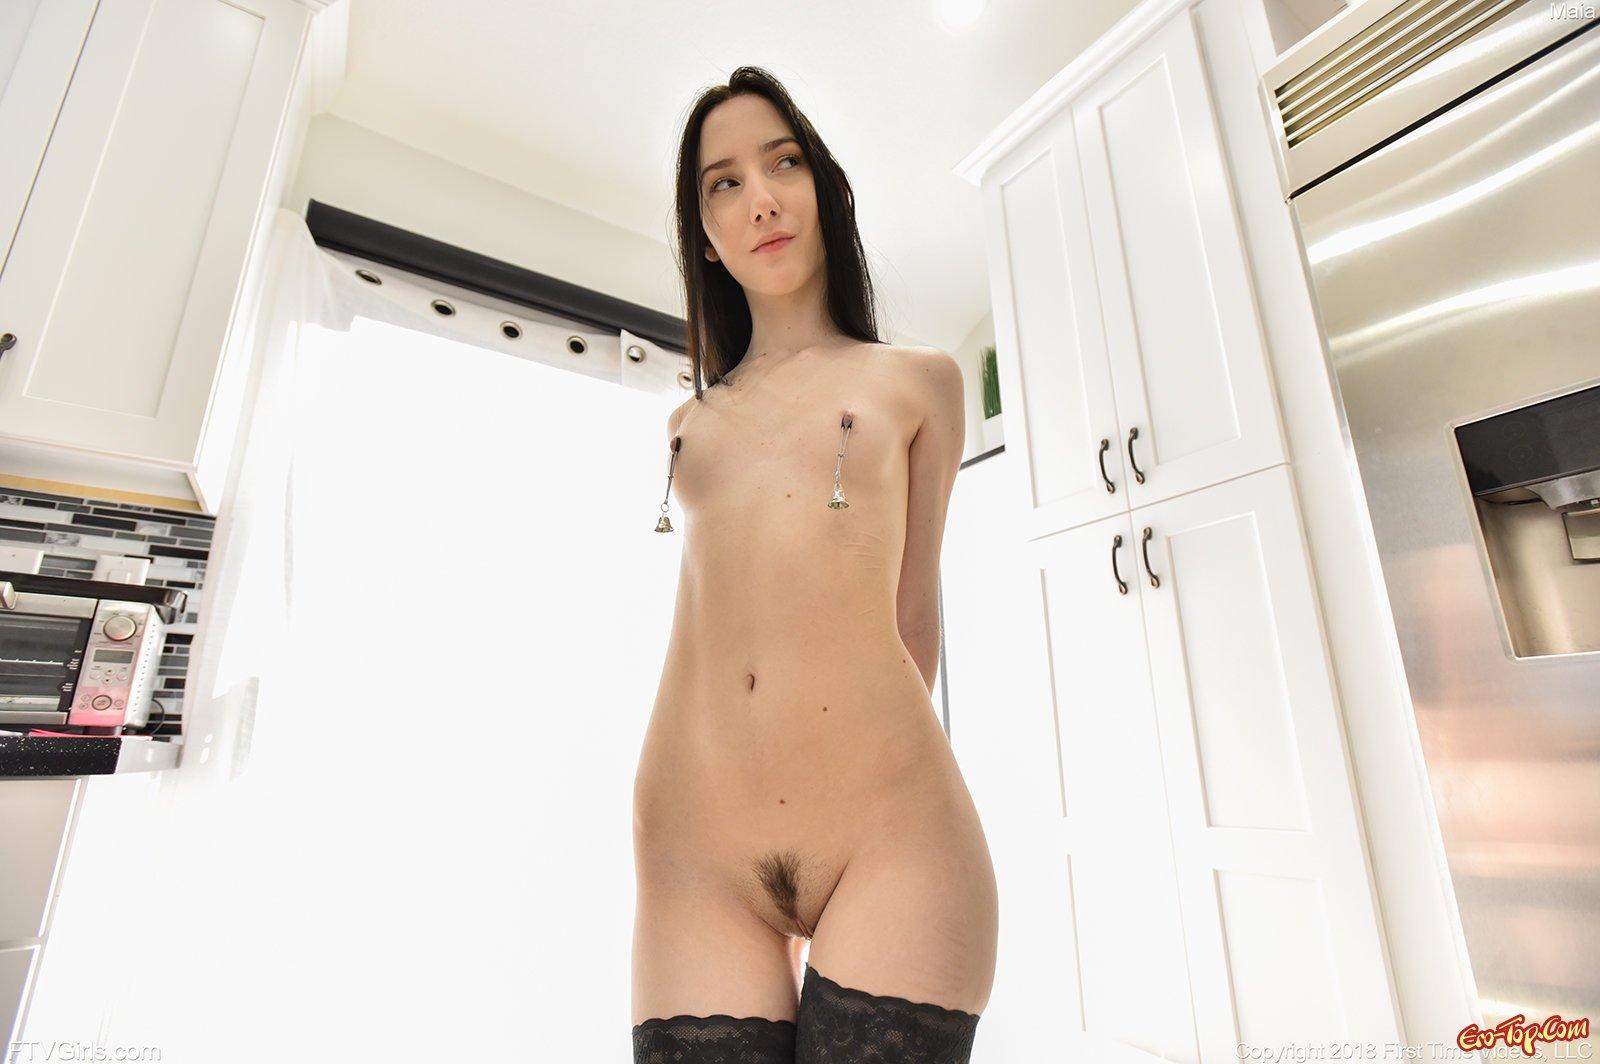 Молодая девушка в чулках с прищепками на сосках